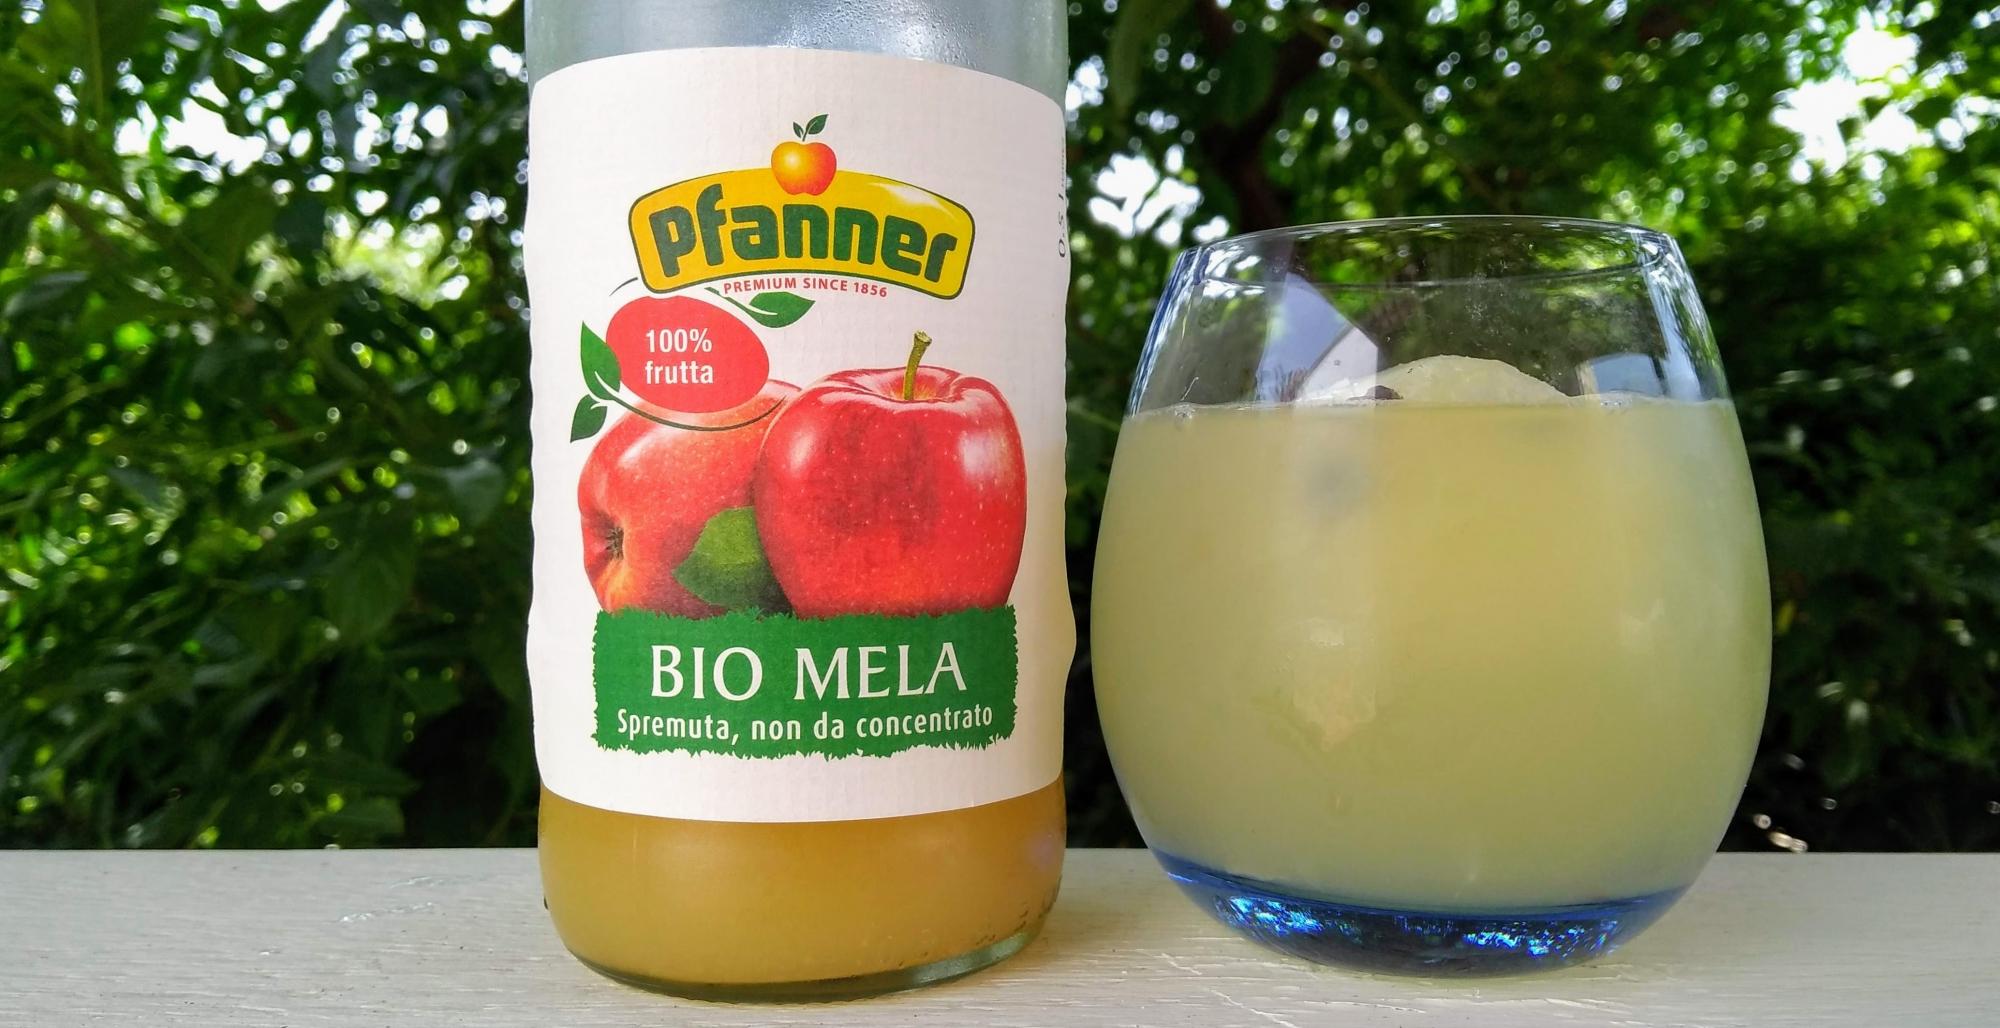 Esempio USP di Pfanner succo Bio Mela